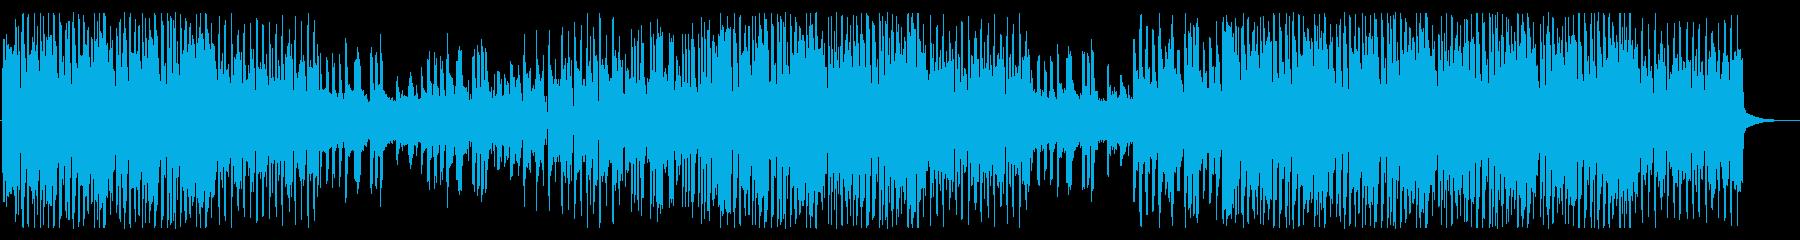 お洒落なファンキーディスコの再生済みの波形